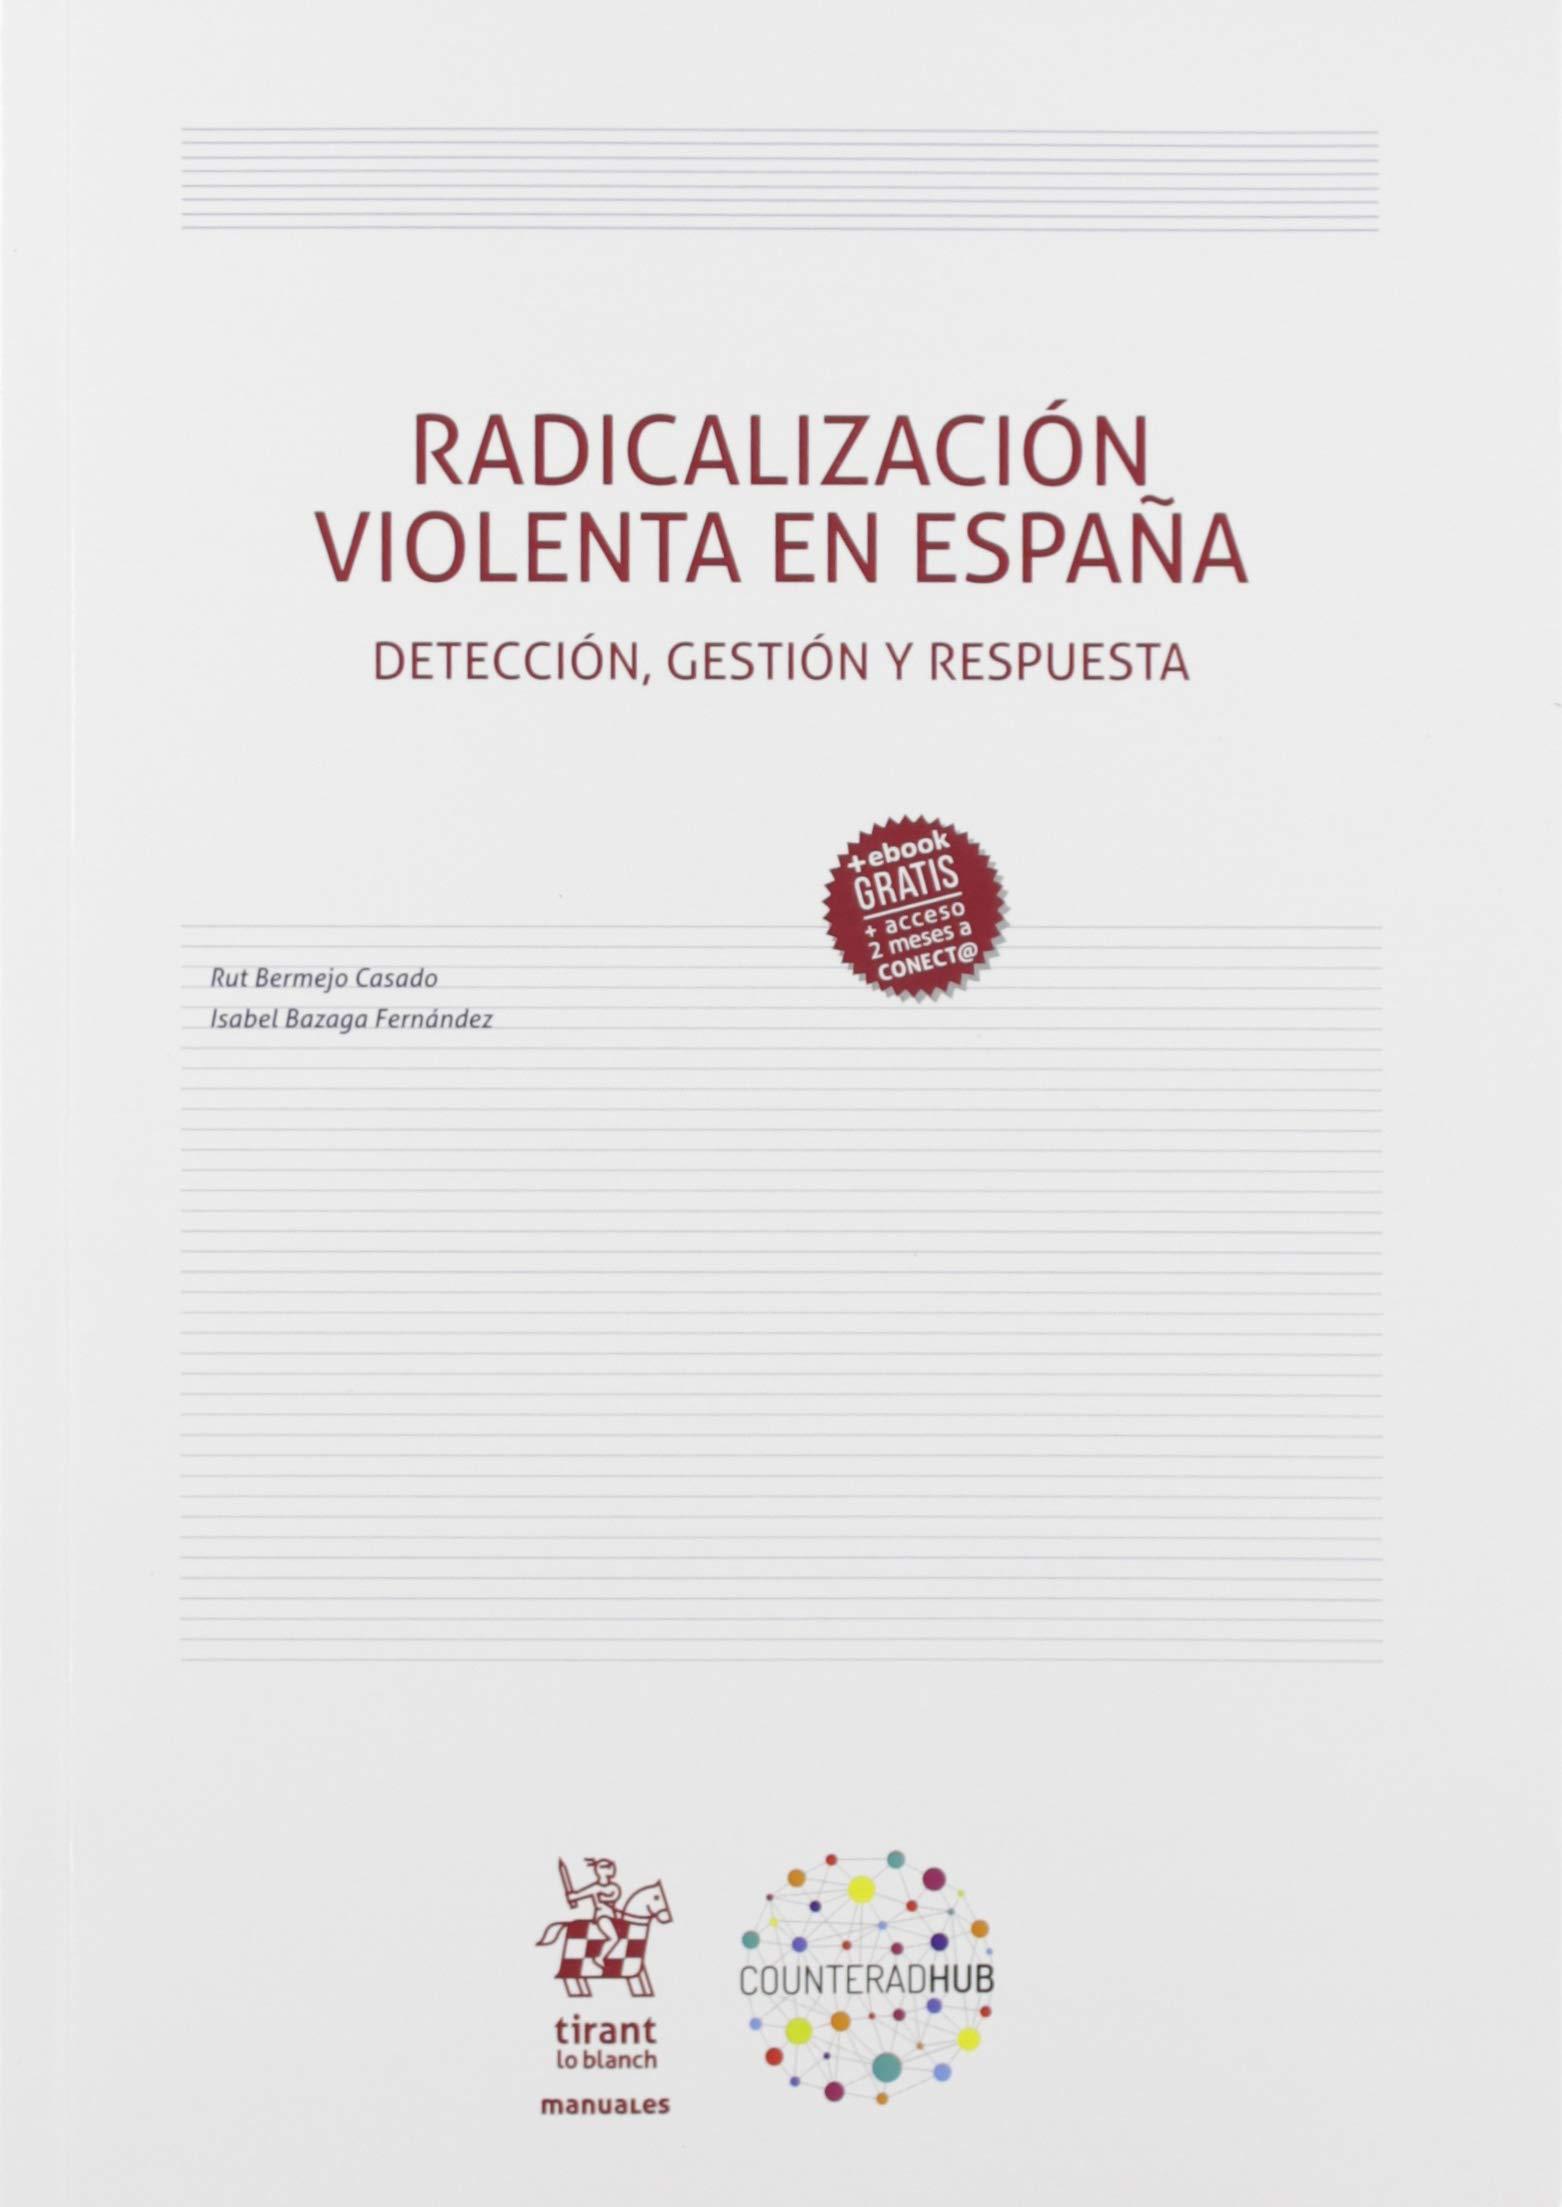 Radicalización violenta en España : detección, gestión y respuesta